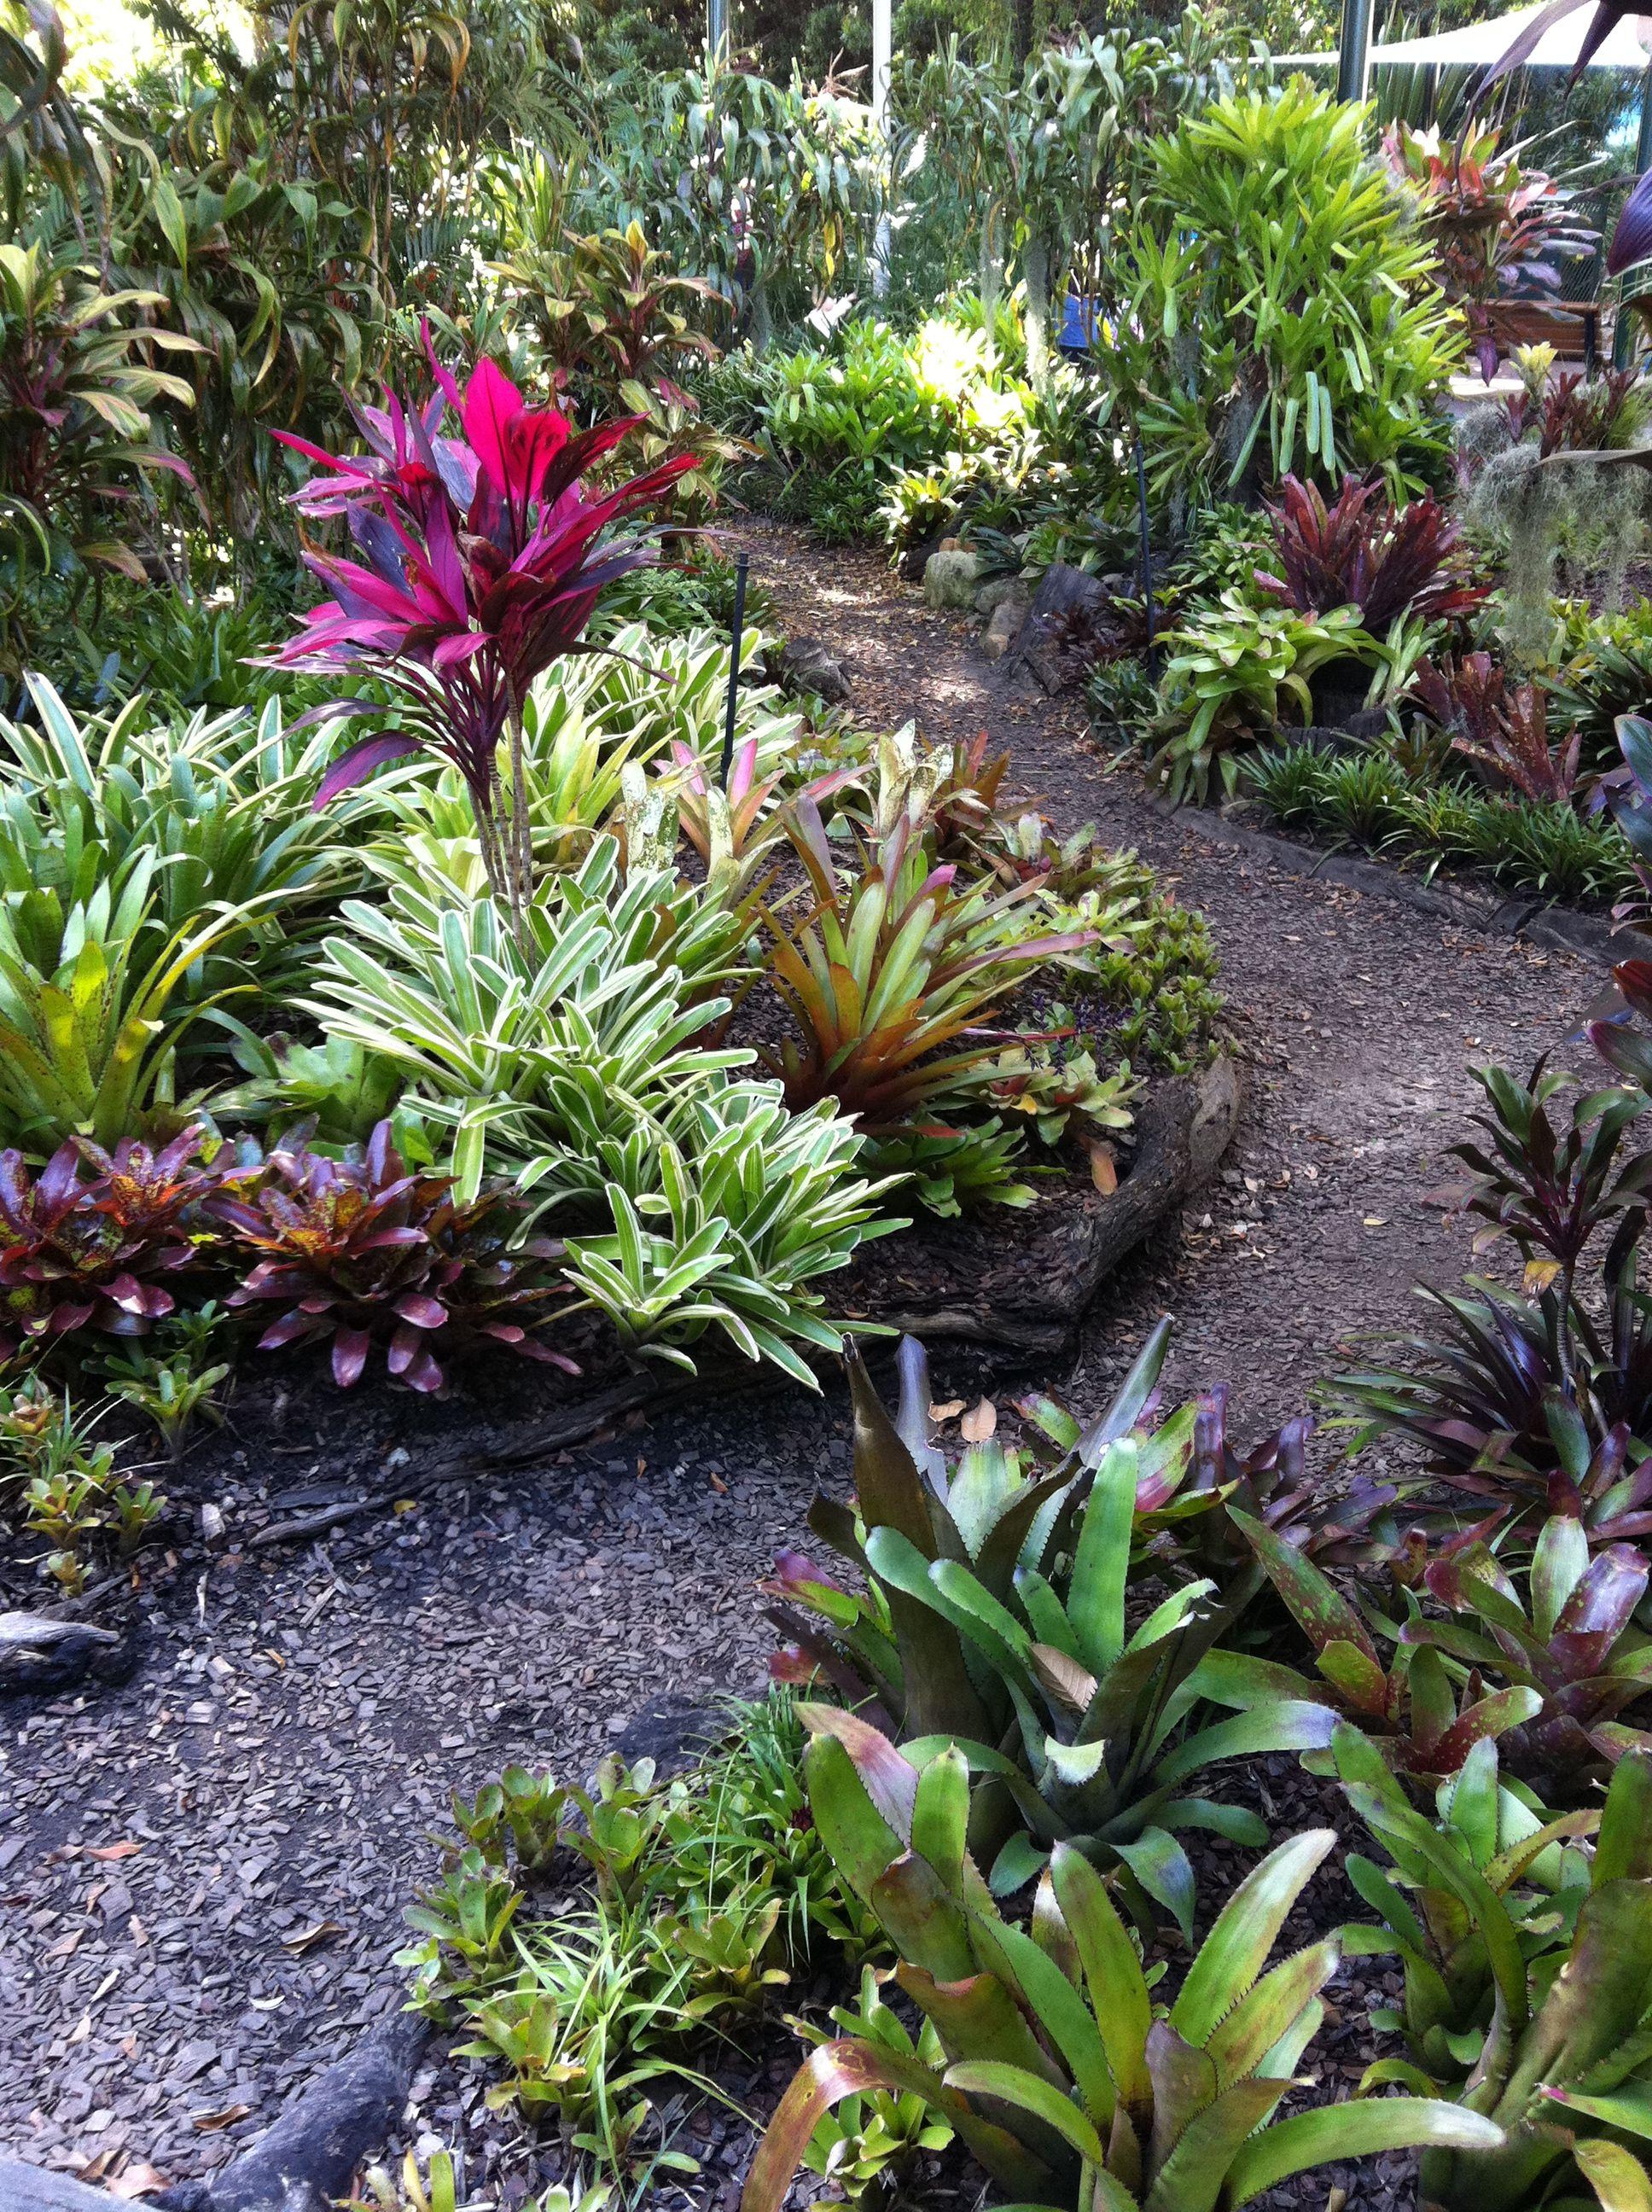 Garden Landscaping Ideas Brisbane : Bromeliad garden roma street parkland brisbane australia landscaping